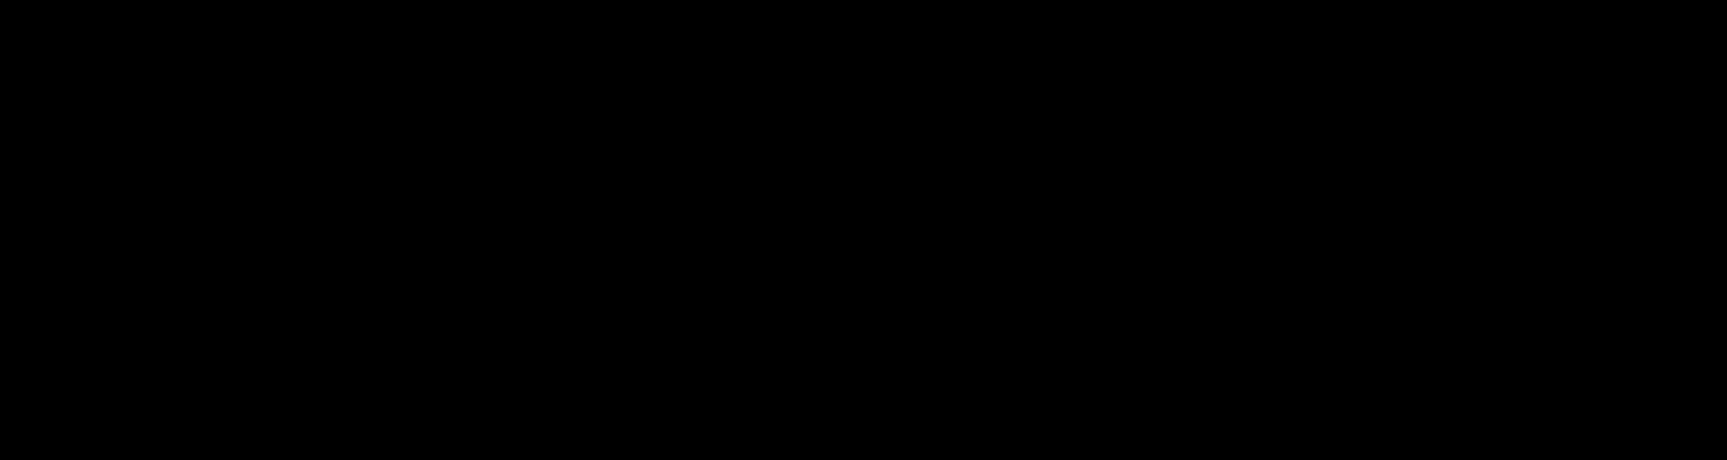 1870-249X-jmcs-61-03-00217-gf1.png